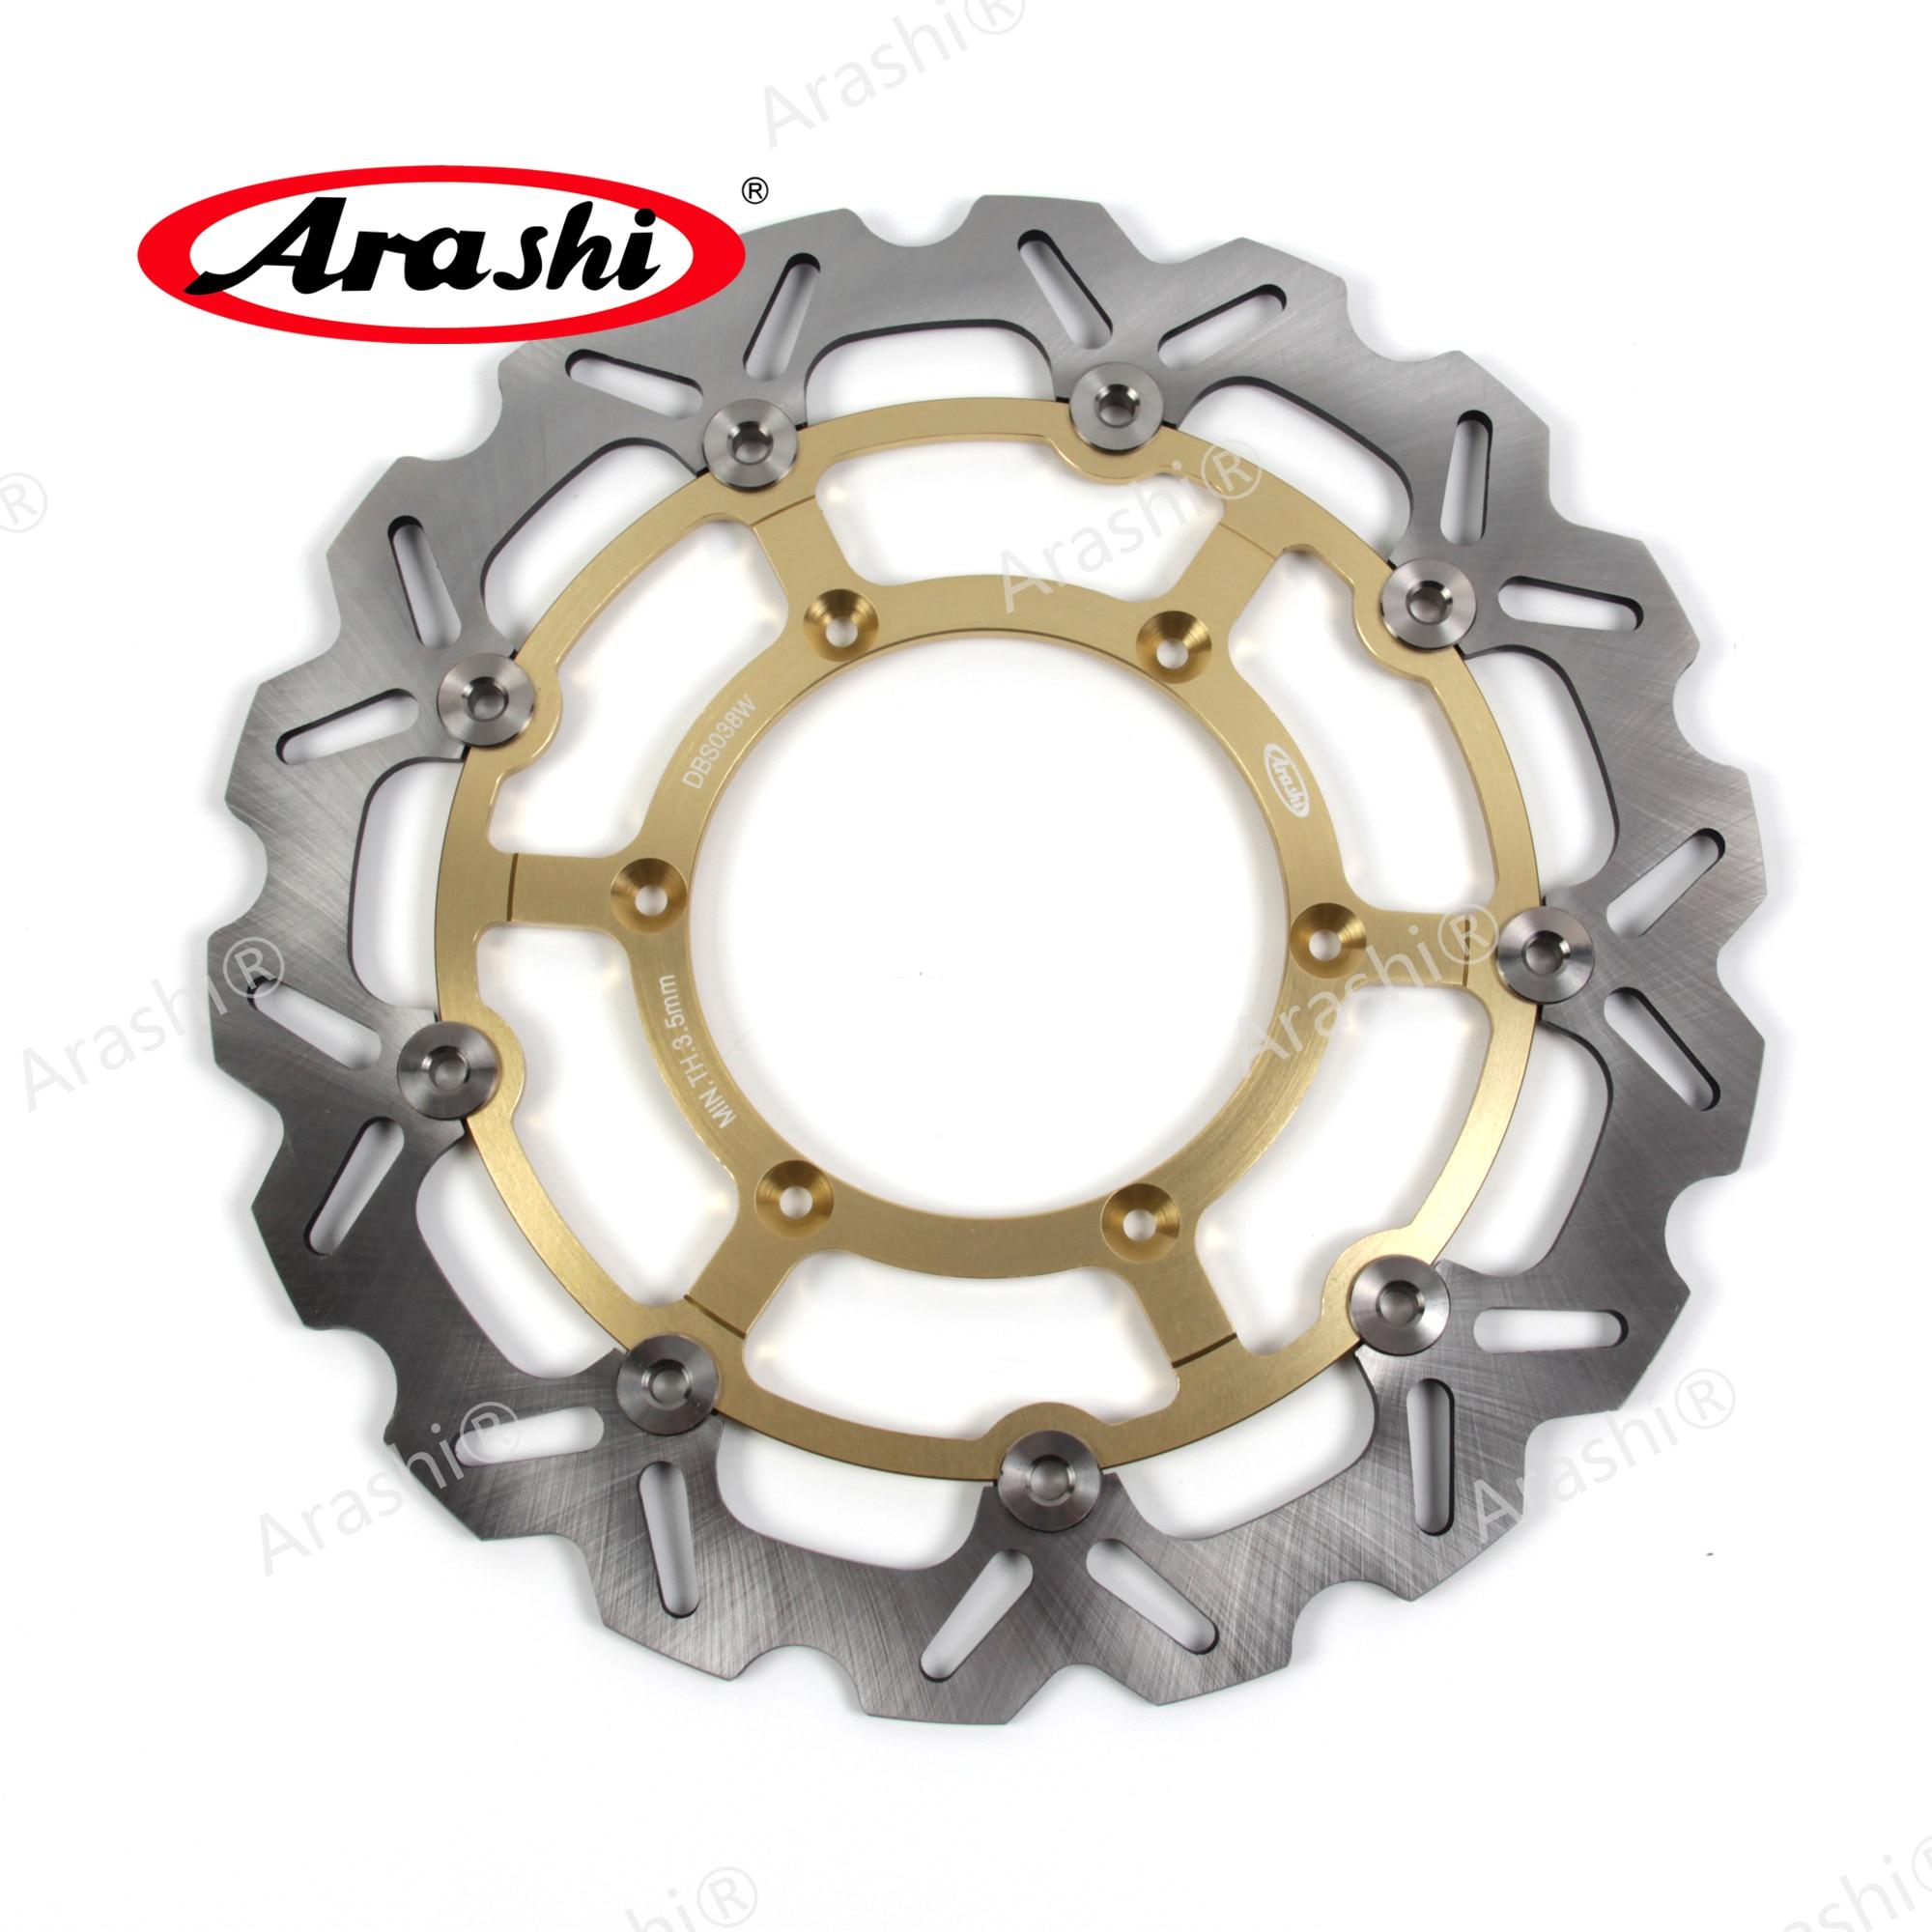 Араши 1 шт. для SUZUKI DRZ SM 400 2005 2006 2007 2008 2009 CNC передние тормозные диски DRZ-SM 400 аксессуары для мотоциклов